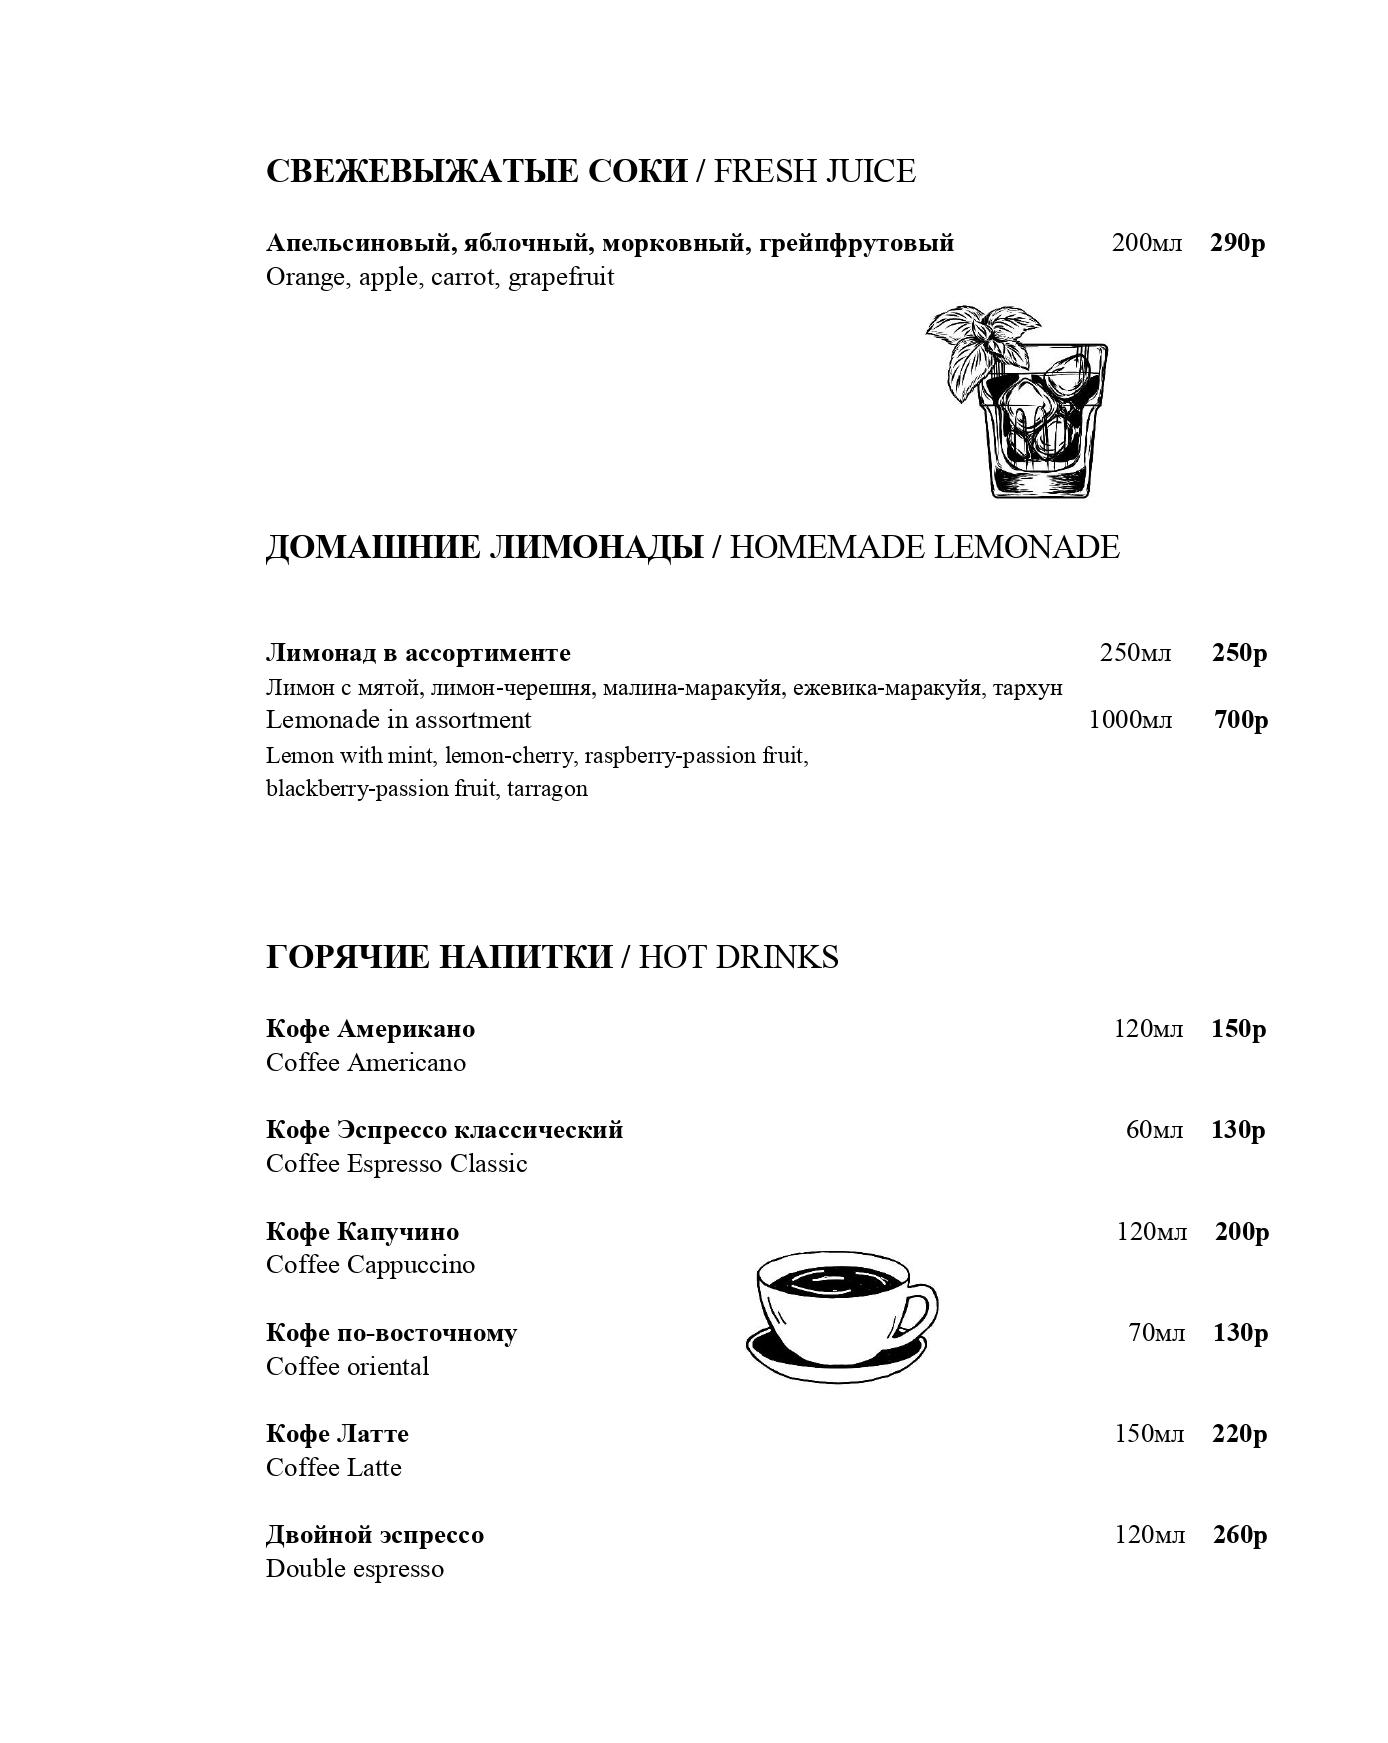 меню нижегородская (22 шт)_pages-to-jpg-0017